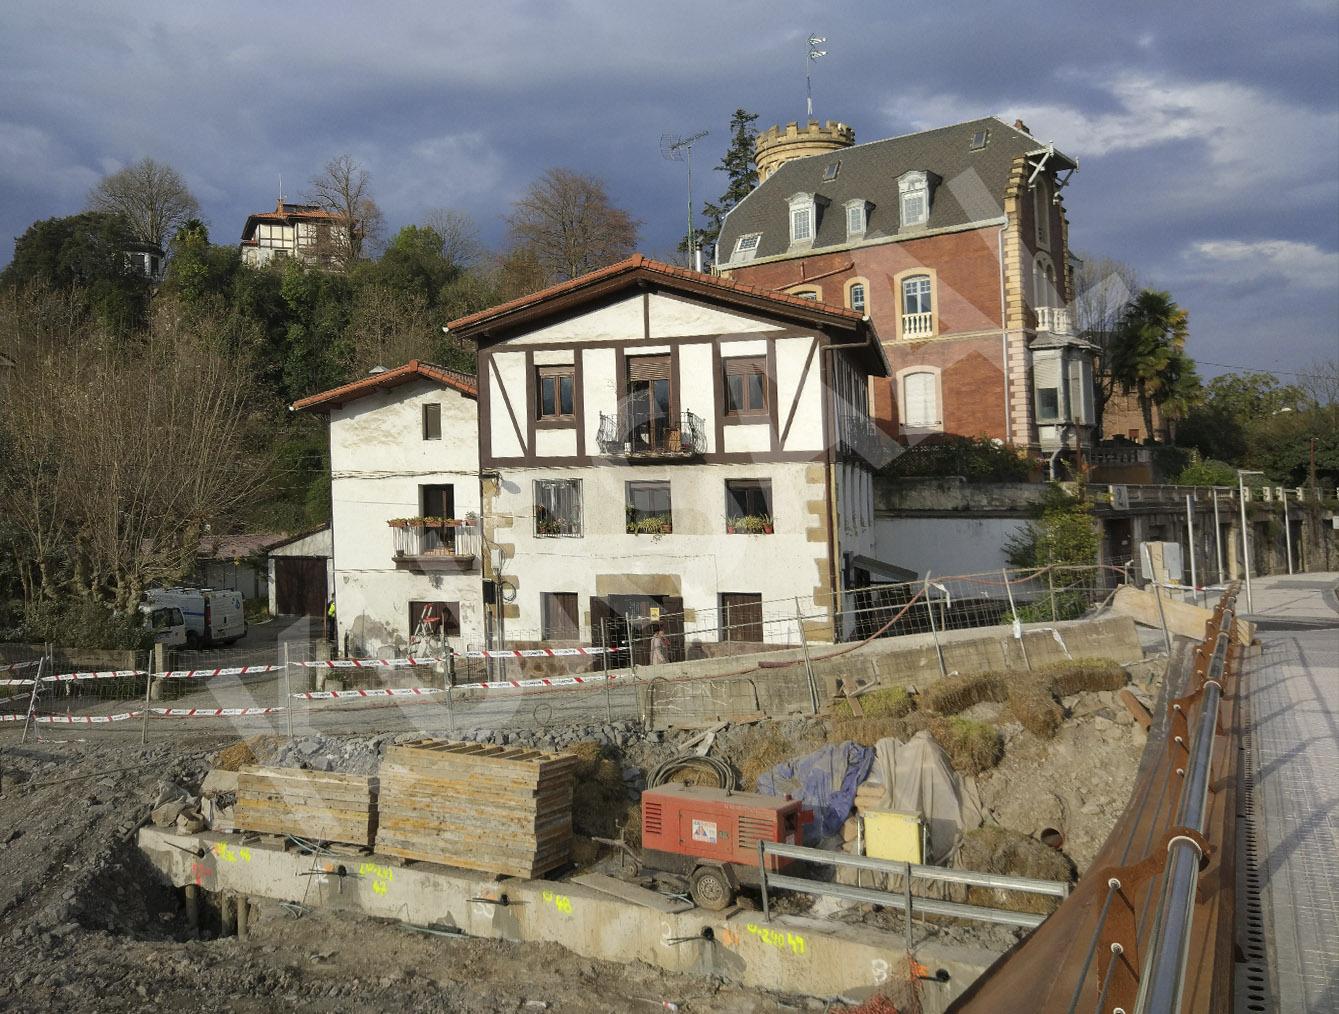 foto 7 - Restauración y patrimonio-Okendotegi 2-MARTUTENE, GIPUZKOA